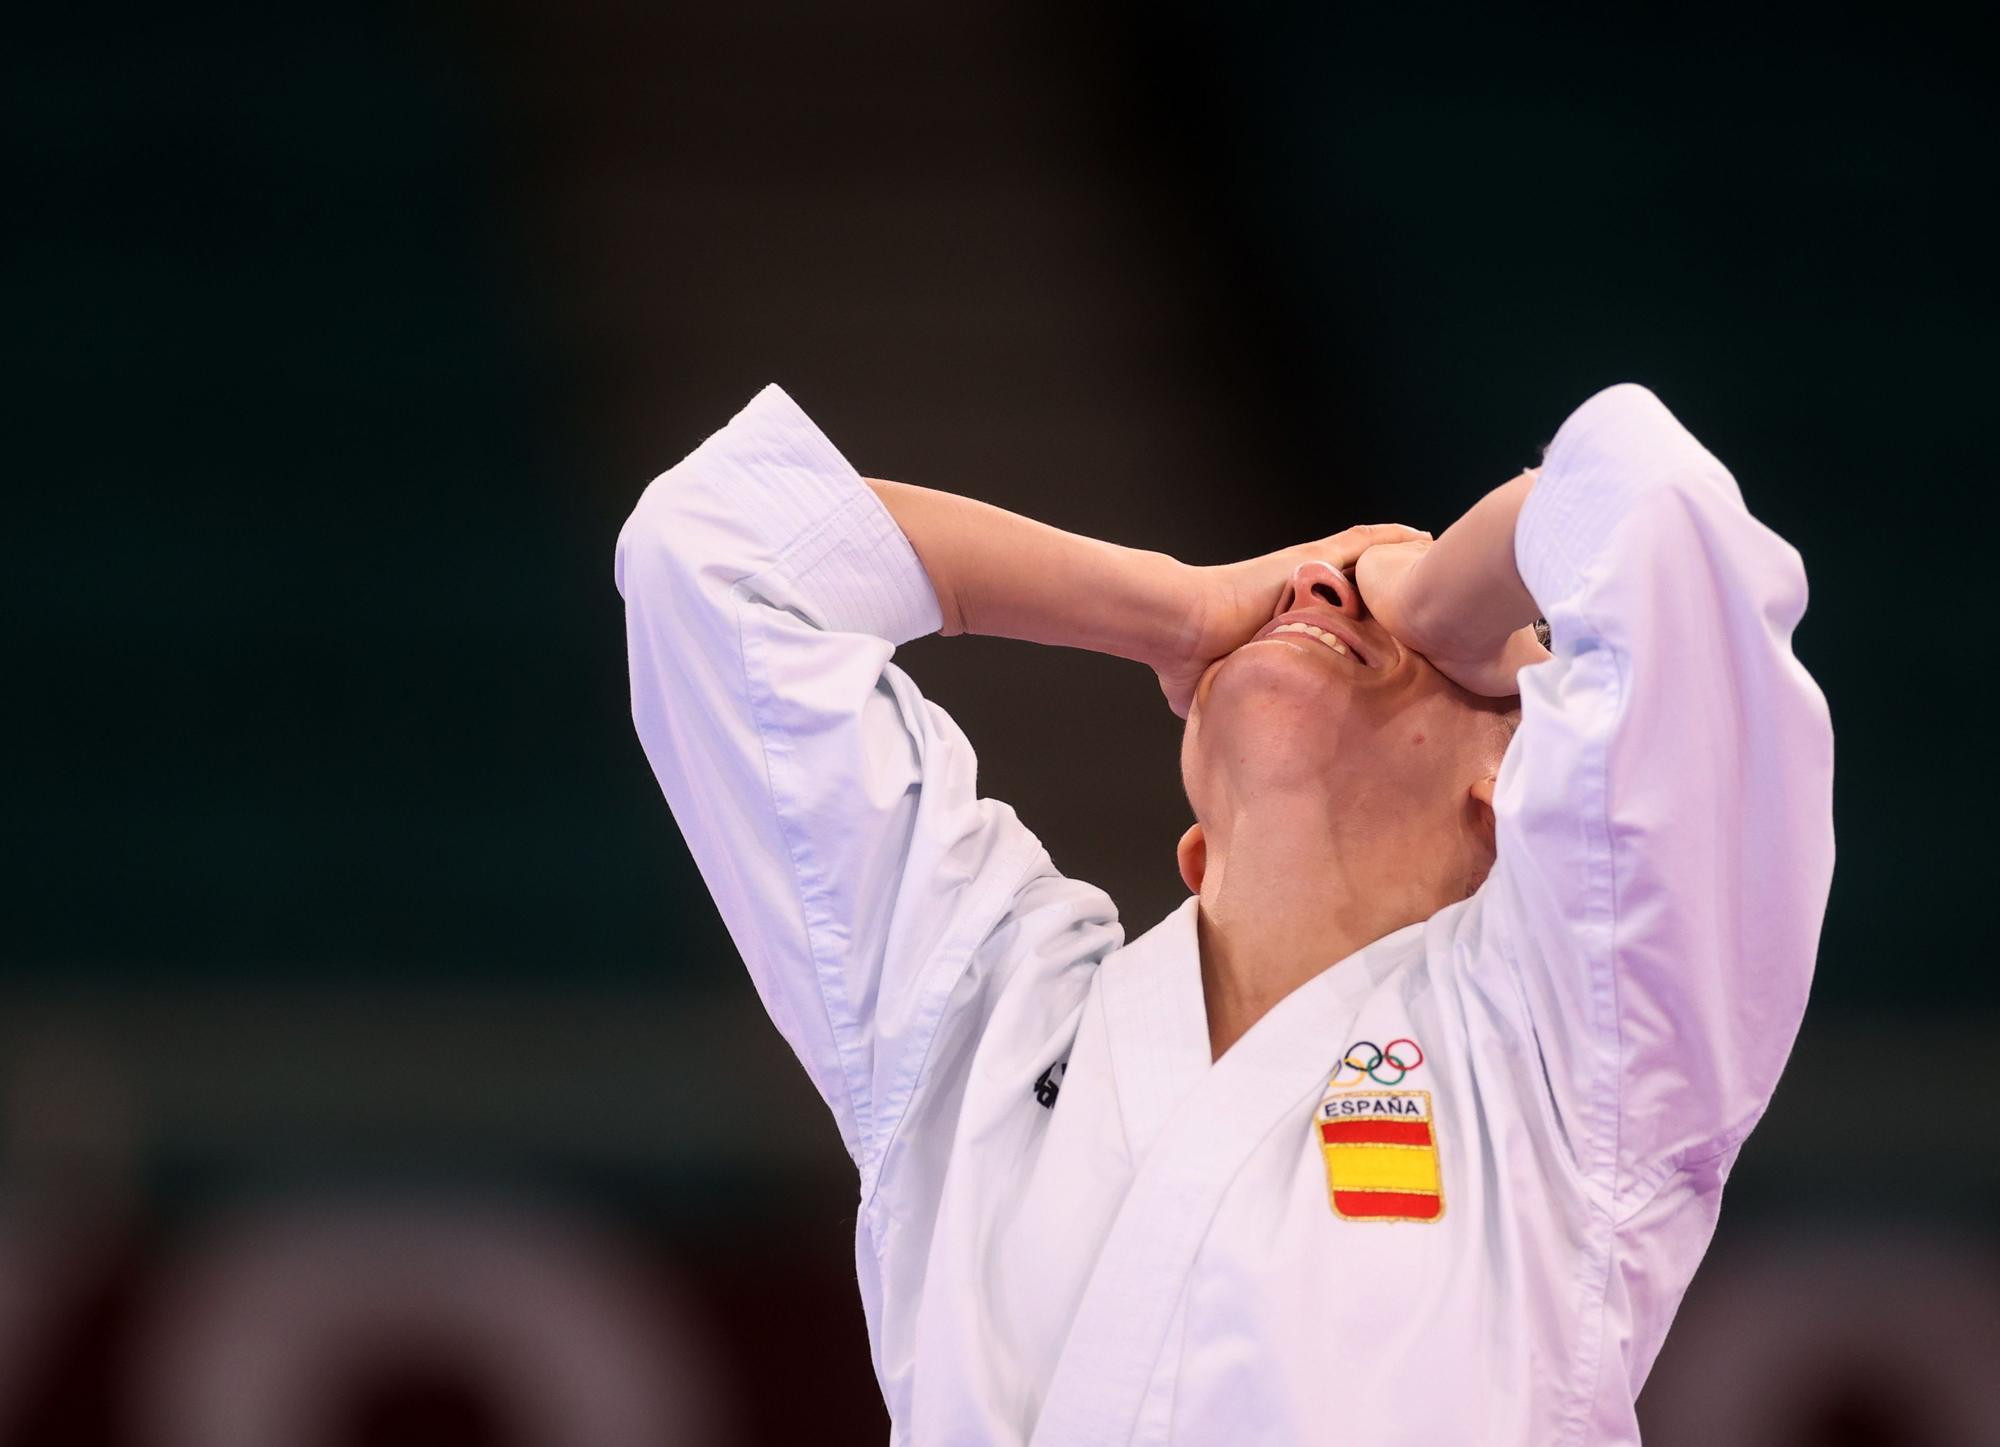 Sandra Sánchez, medalla de oro en kárate en Tokio 2020